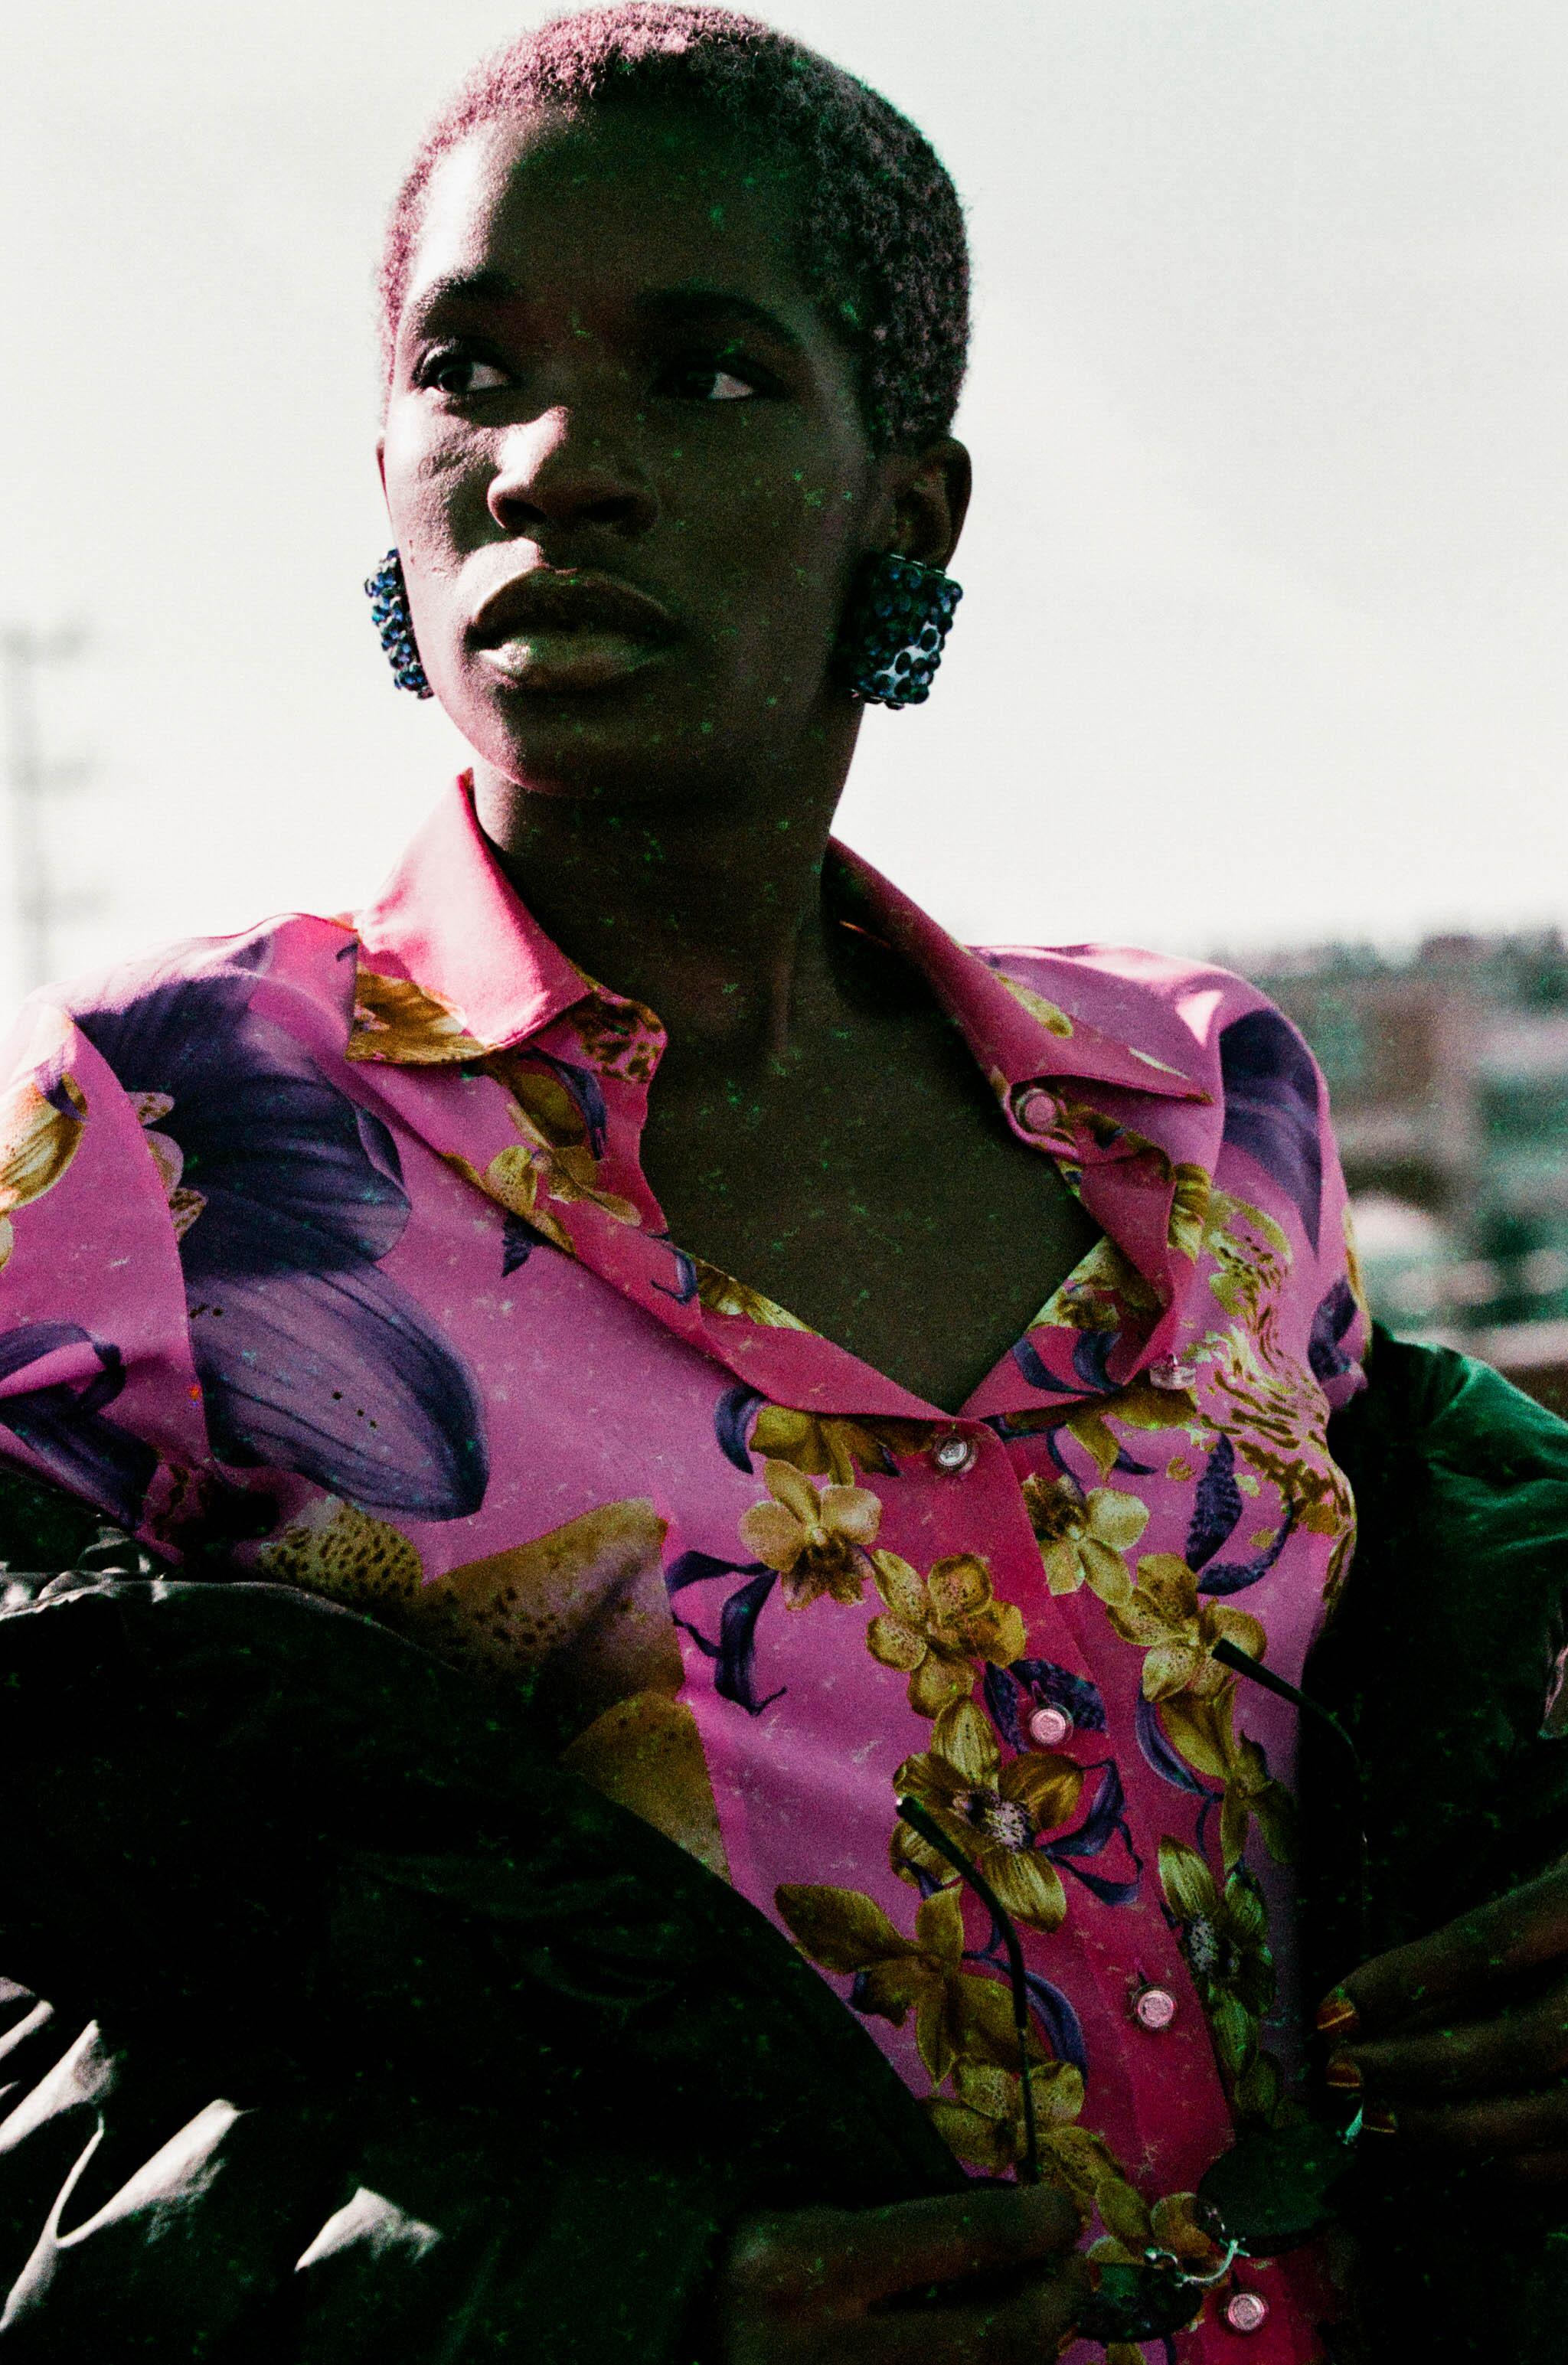 Monica Ahanonu in DTLA 12.9.18 35mm LOMO FINALS-6.jpg